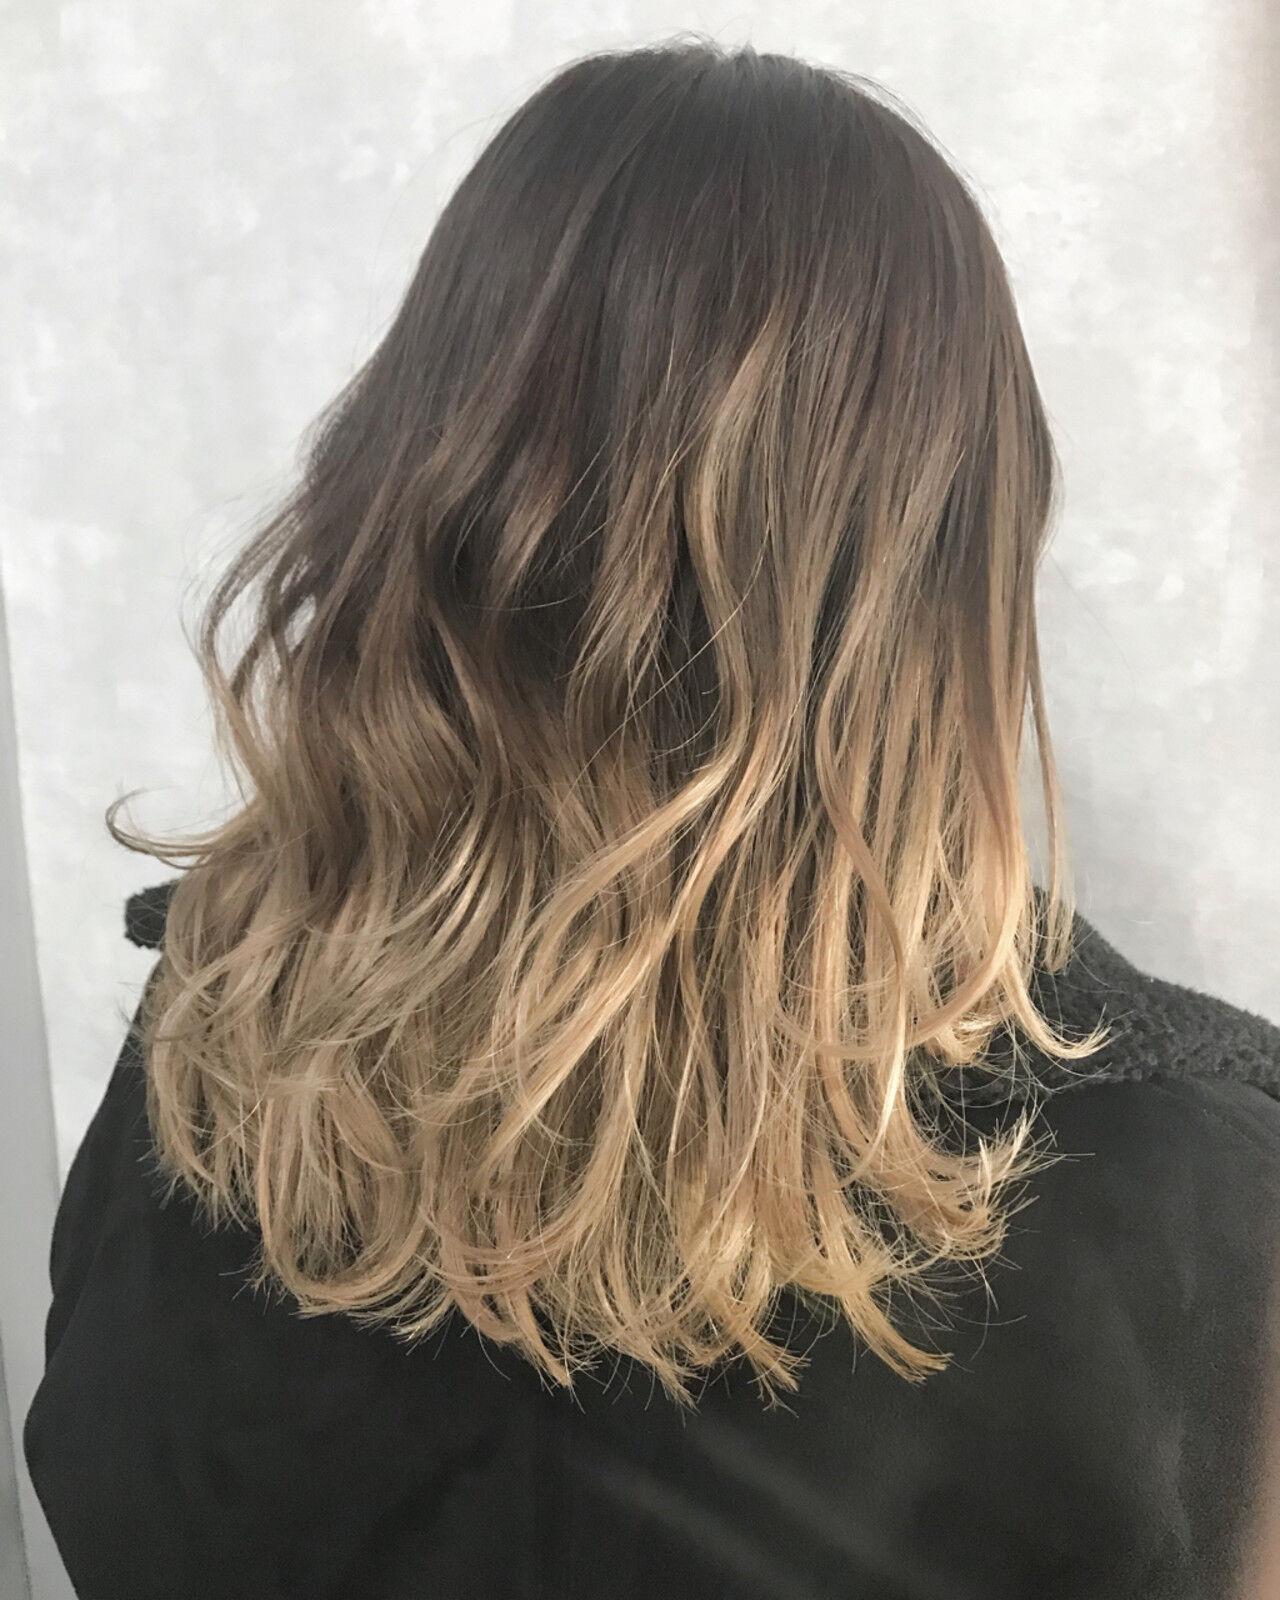 モード ミルクティーベージュ ダブルカラー ミディアムヘアスタイルや髪型の写真・画像